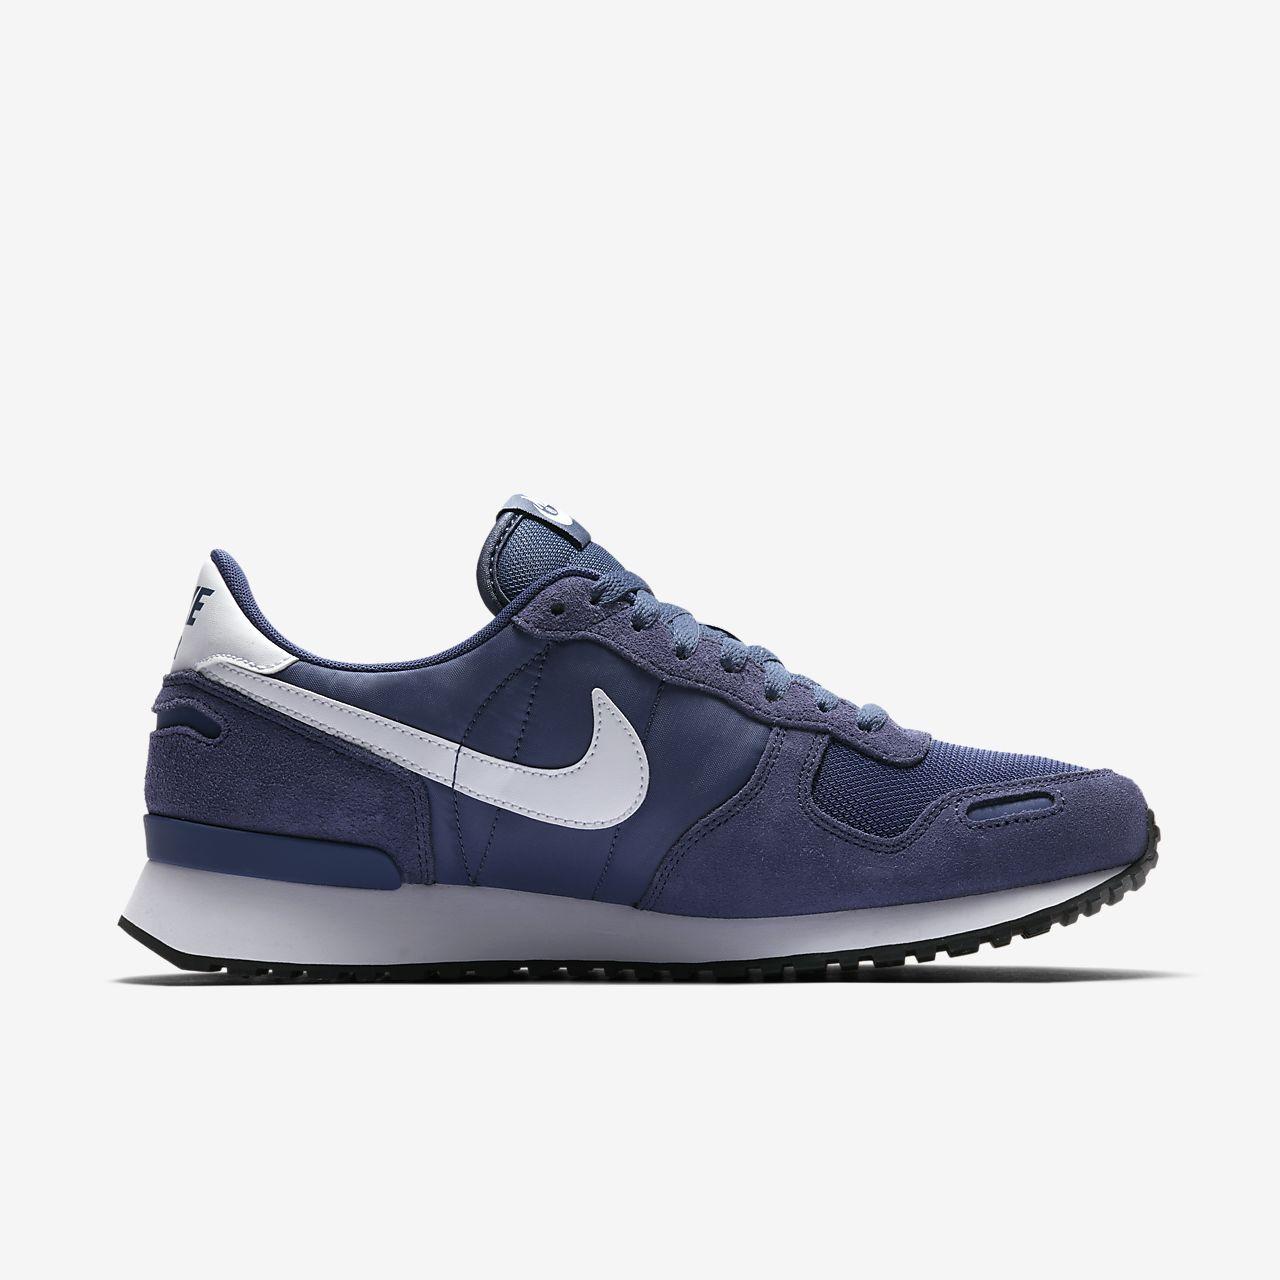 Nike Sportswear AIR VORTEX  Trainers  blue recallwhitediffused blue   p81sWctc